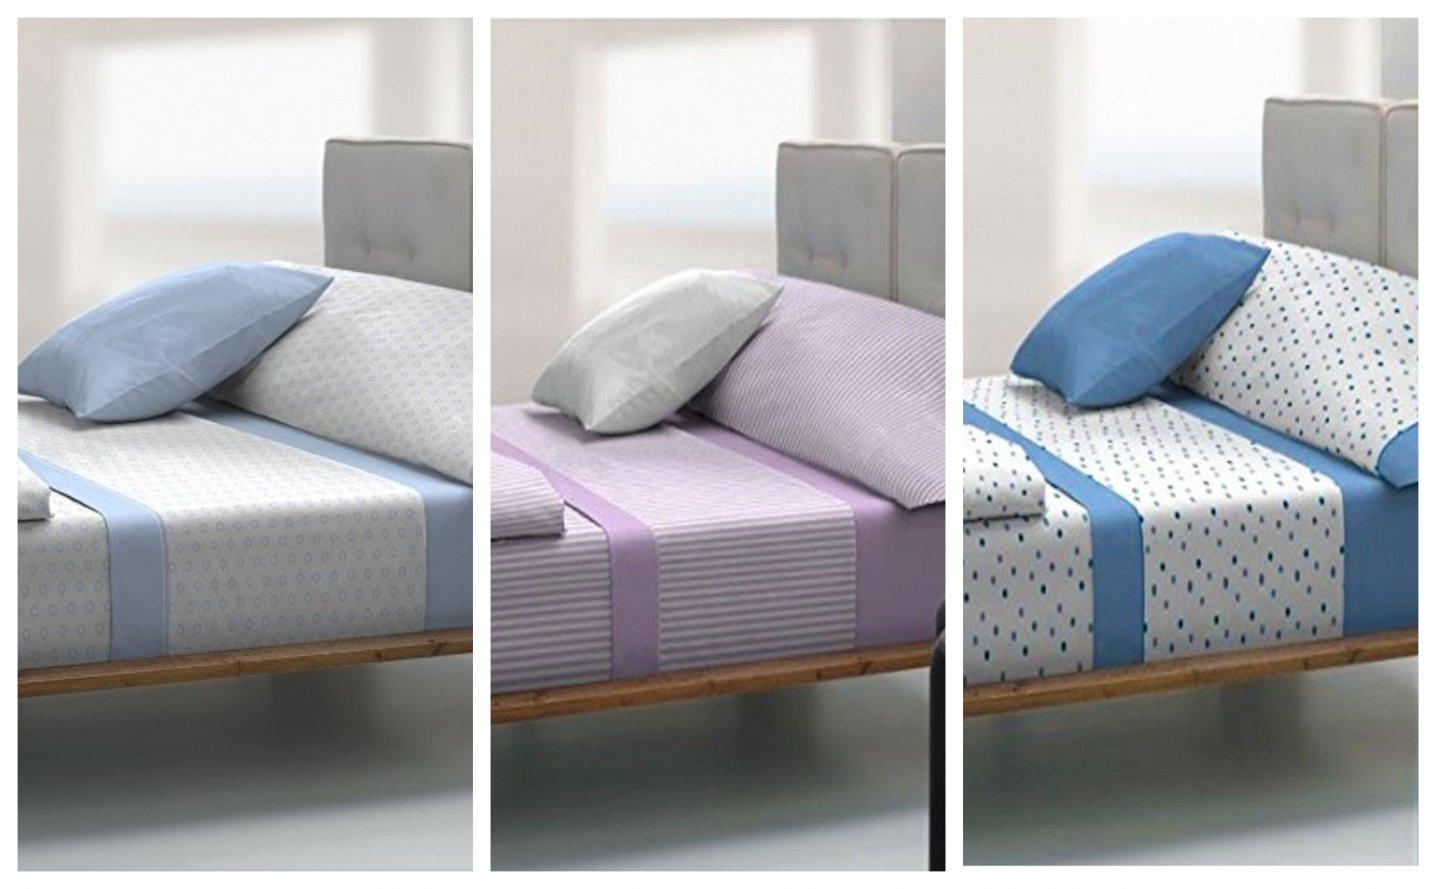 Comprar las mejores sábanas por Internet - Img 2